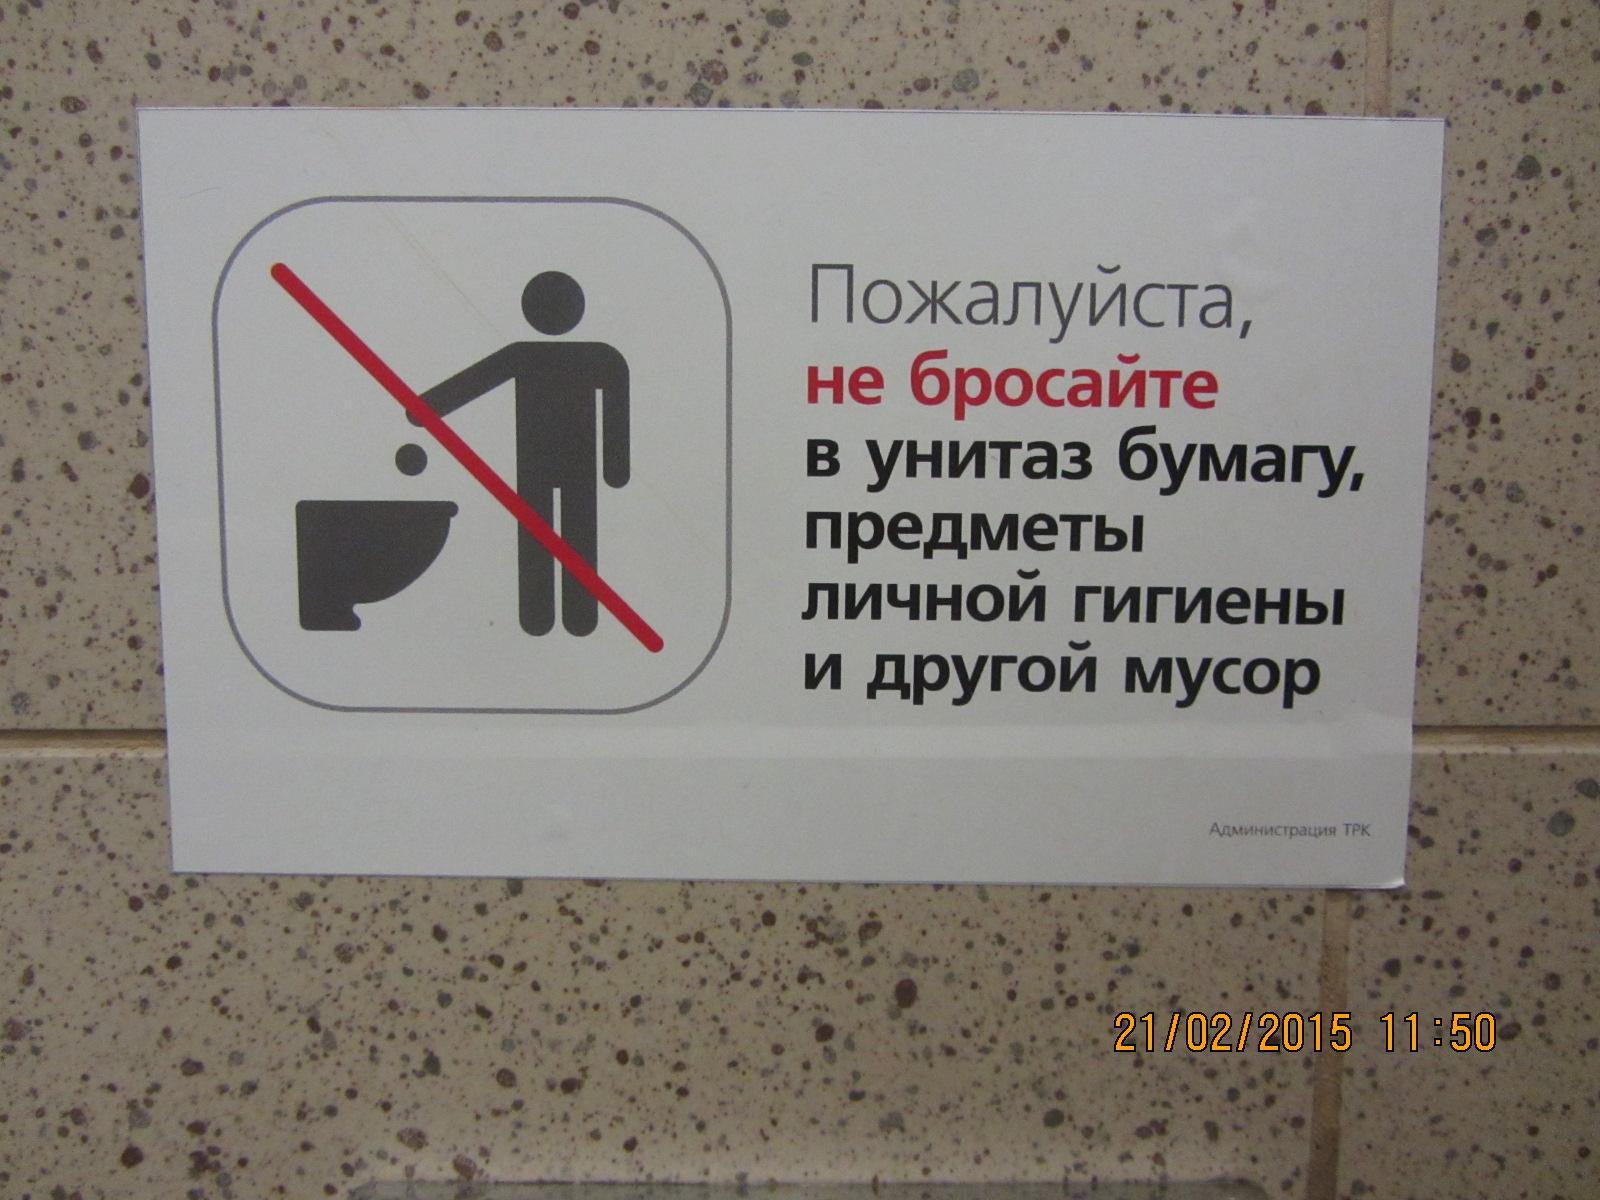 Что делать если унитаз забился туалетной бумагой?